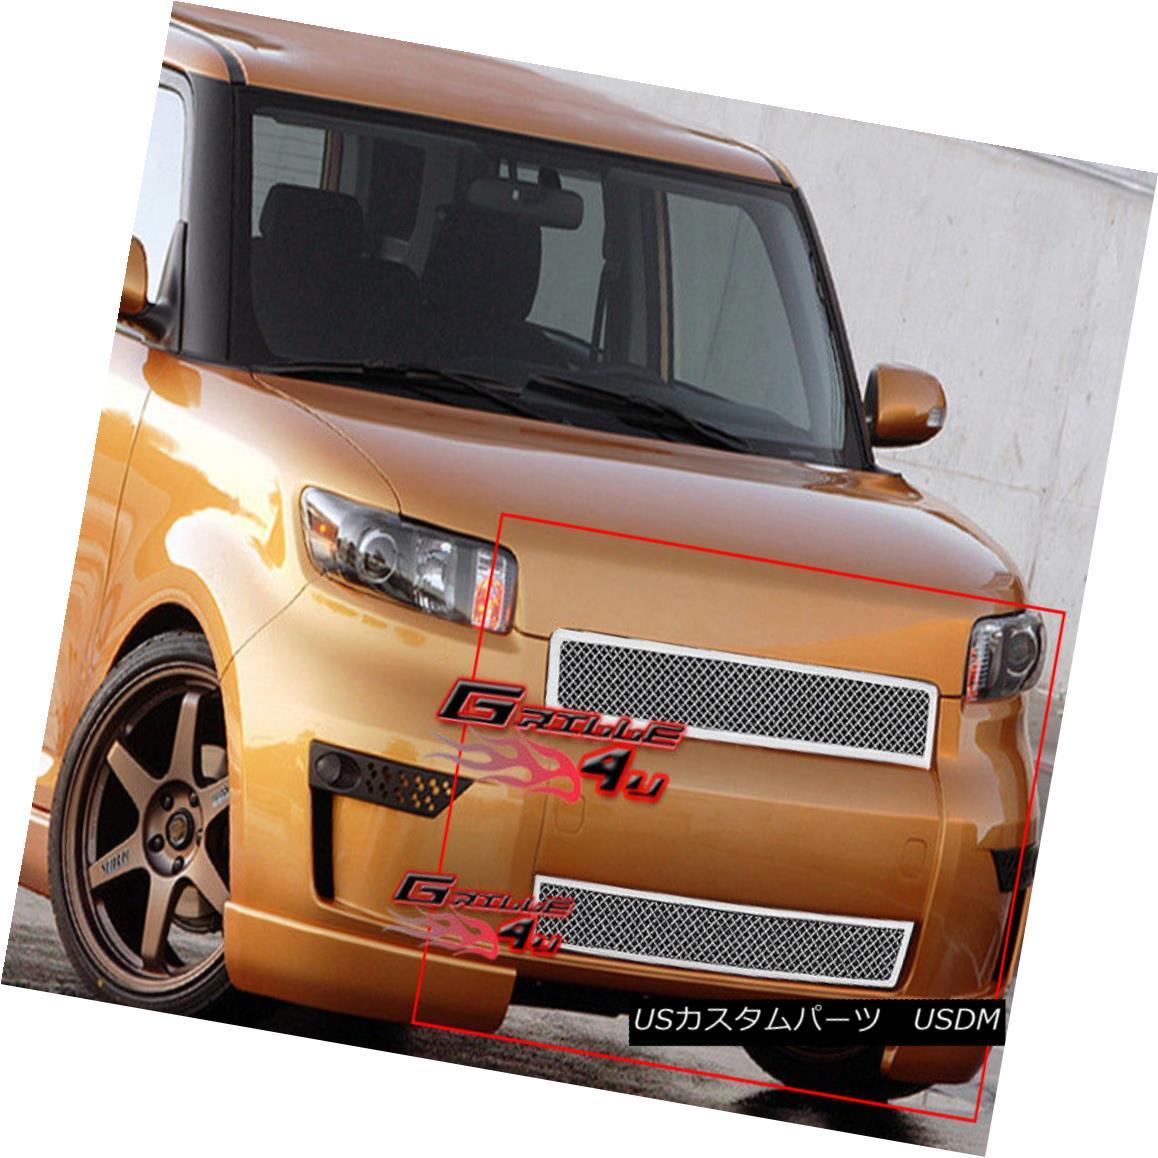 グリル For 08-10 Scion XB Stainless Steel Mesh Grille Combo Insert 08-10 Scion XBステンレスメッシュグリルコンボインサート